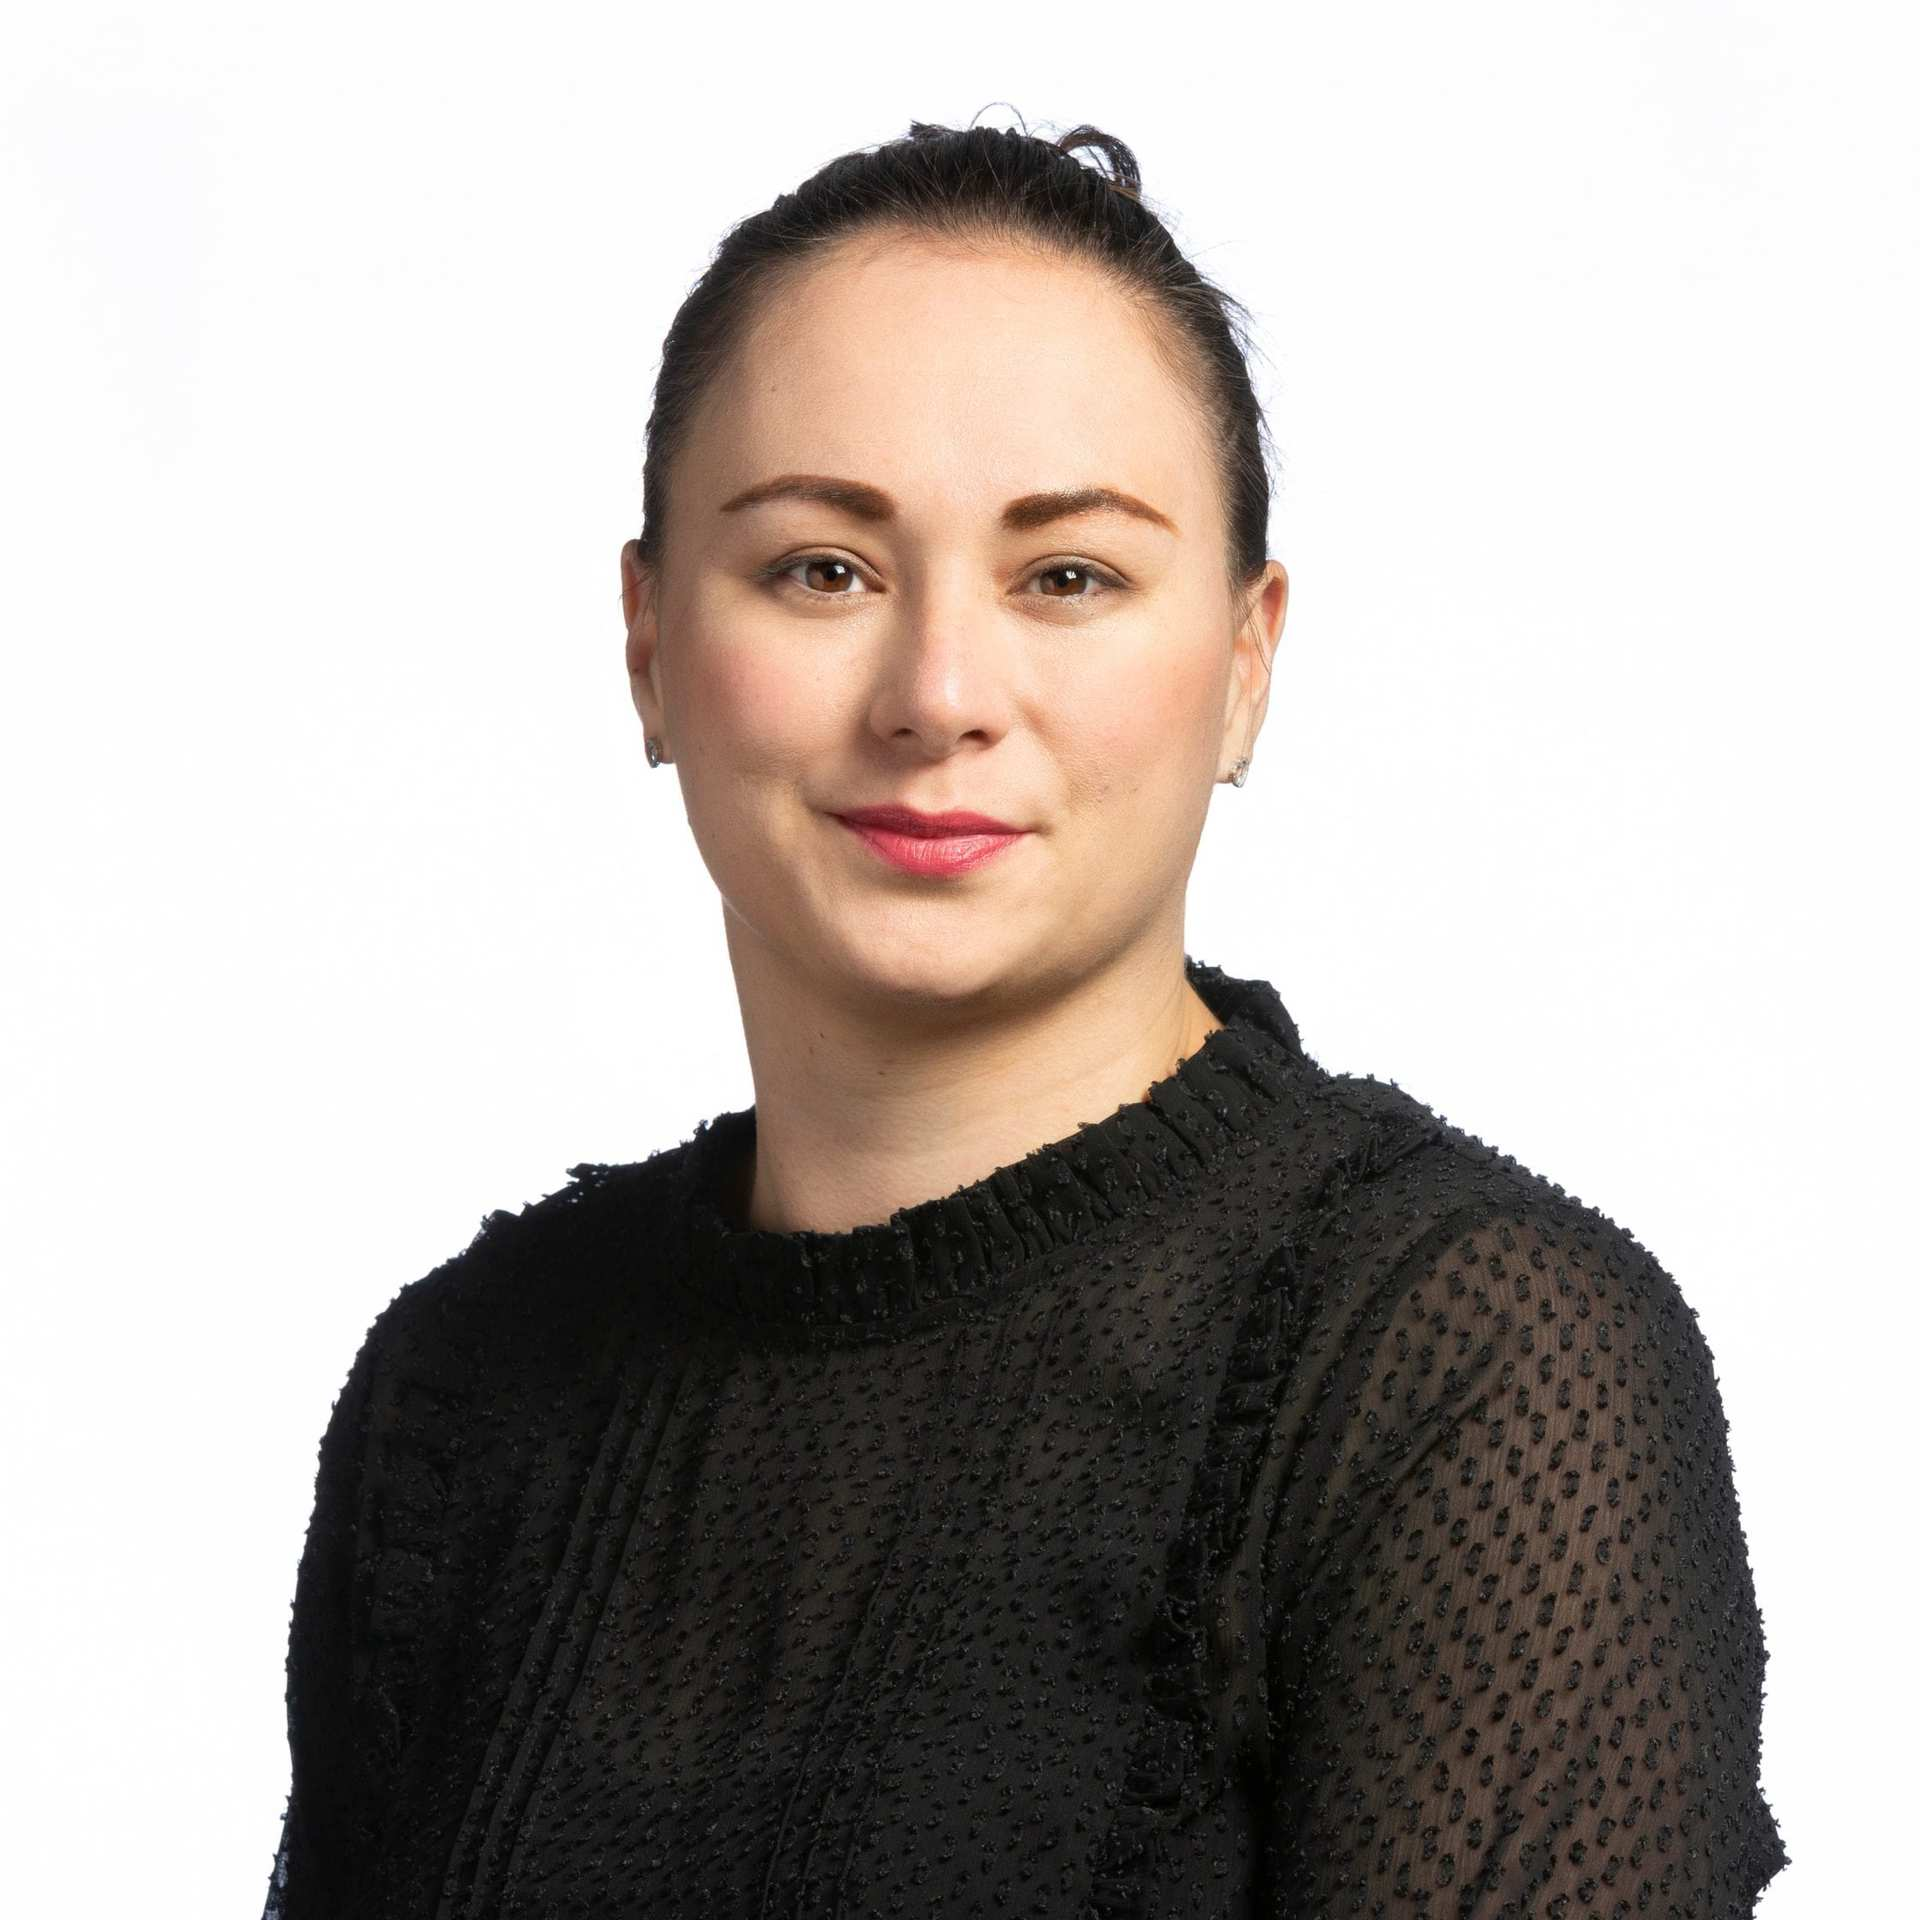 Marjolein Charpentier